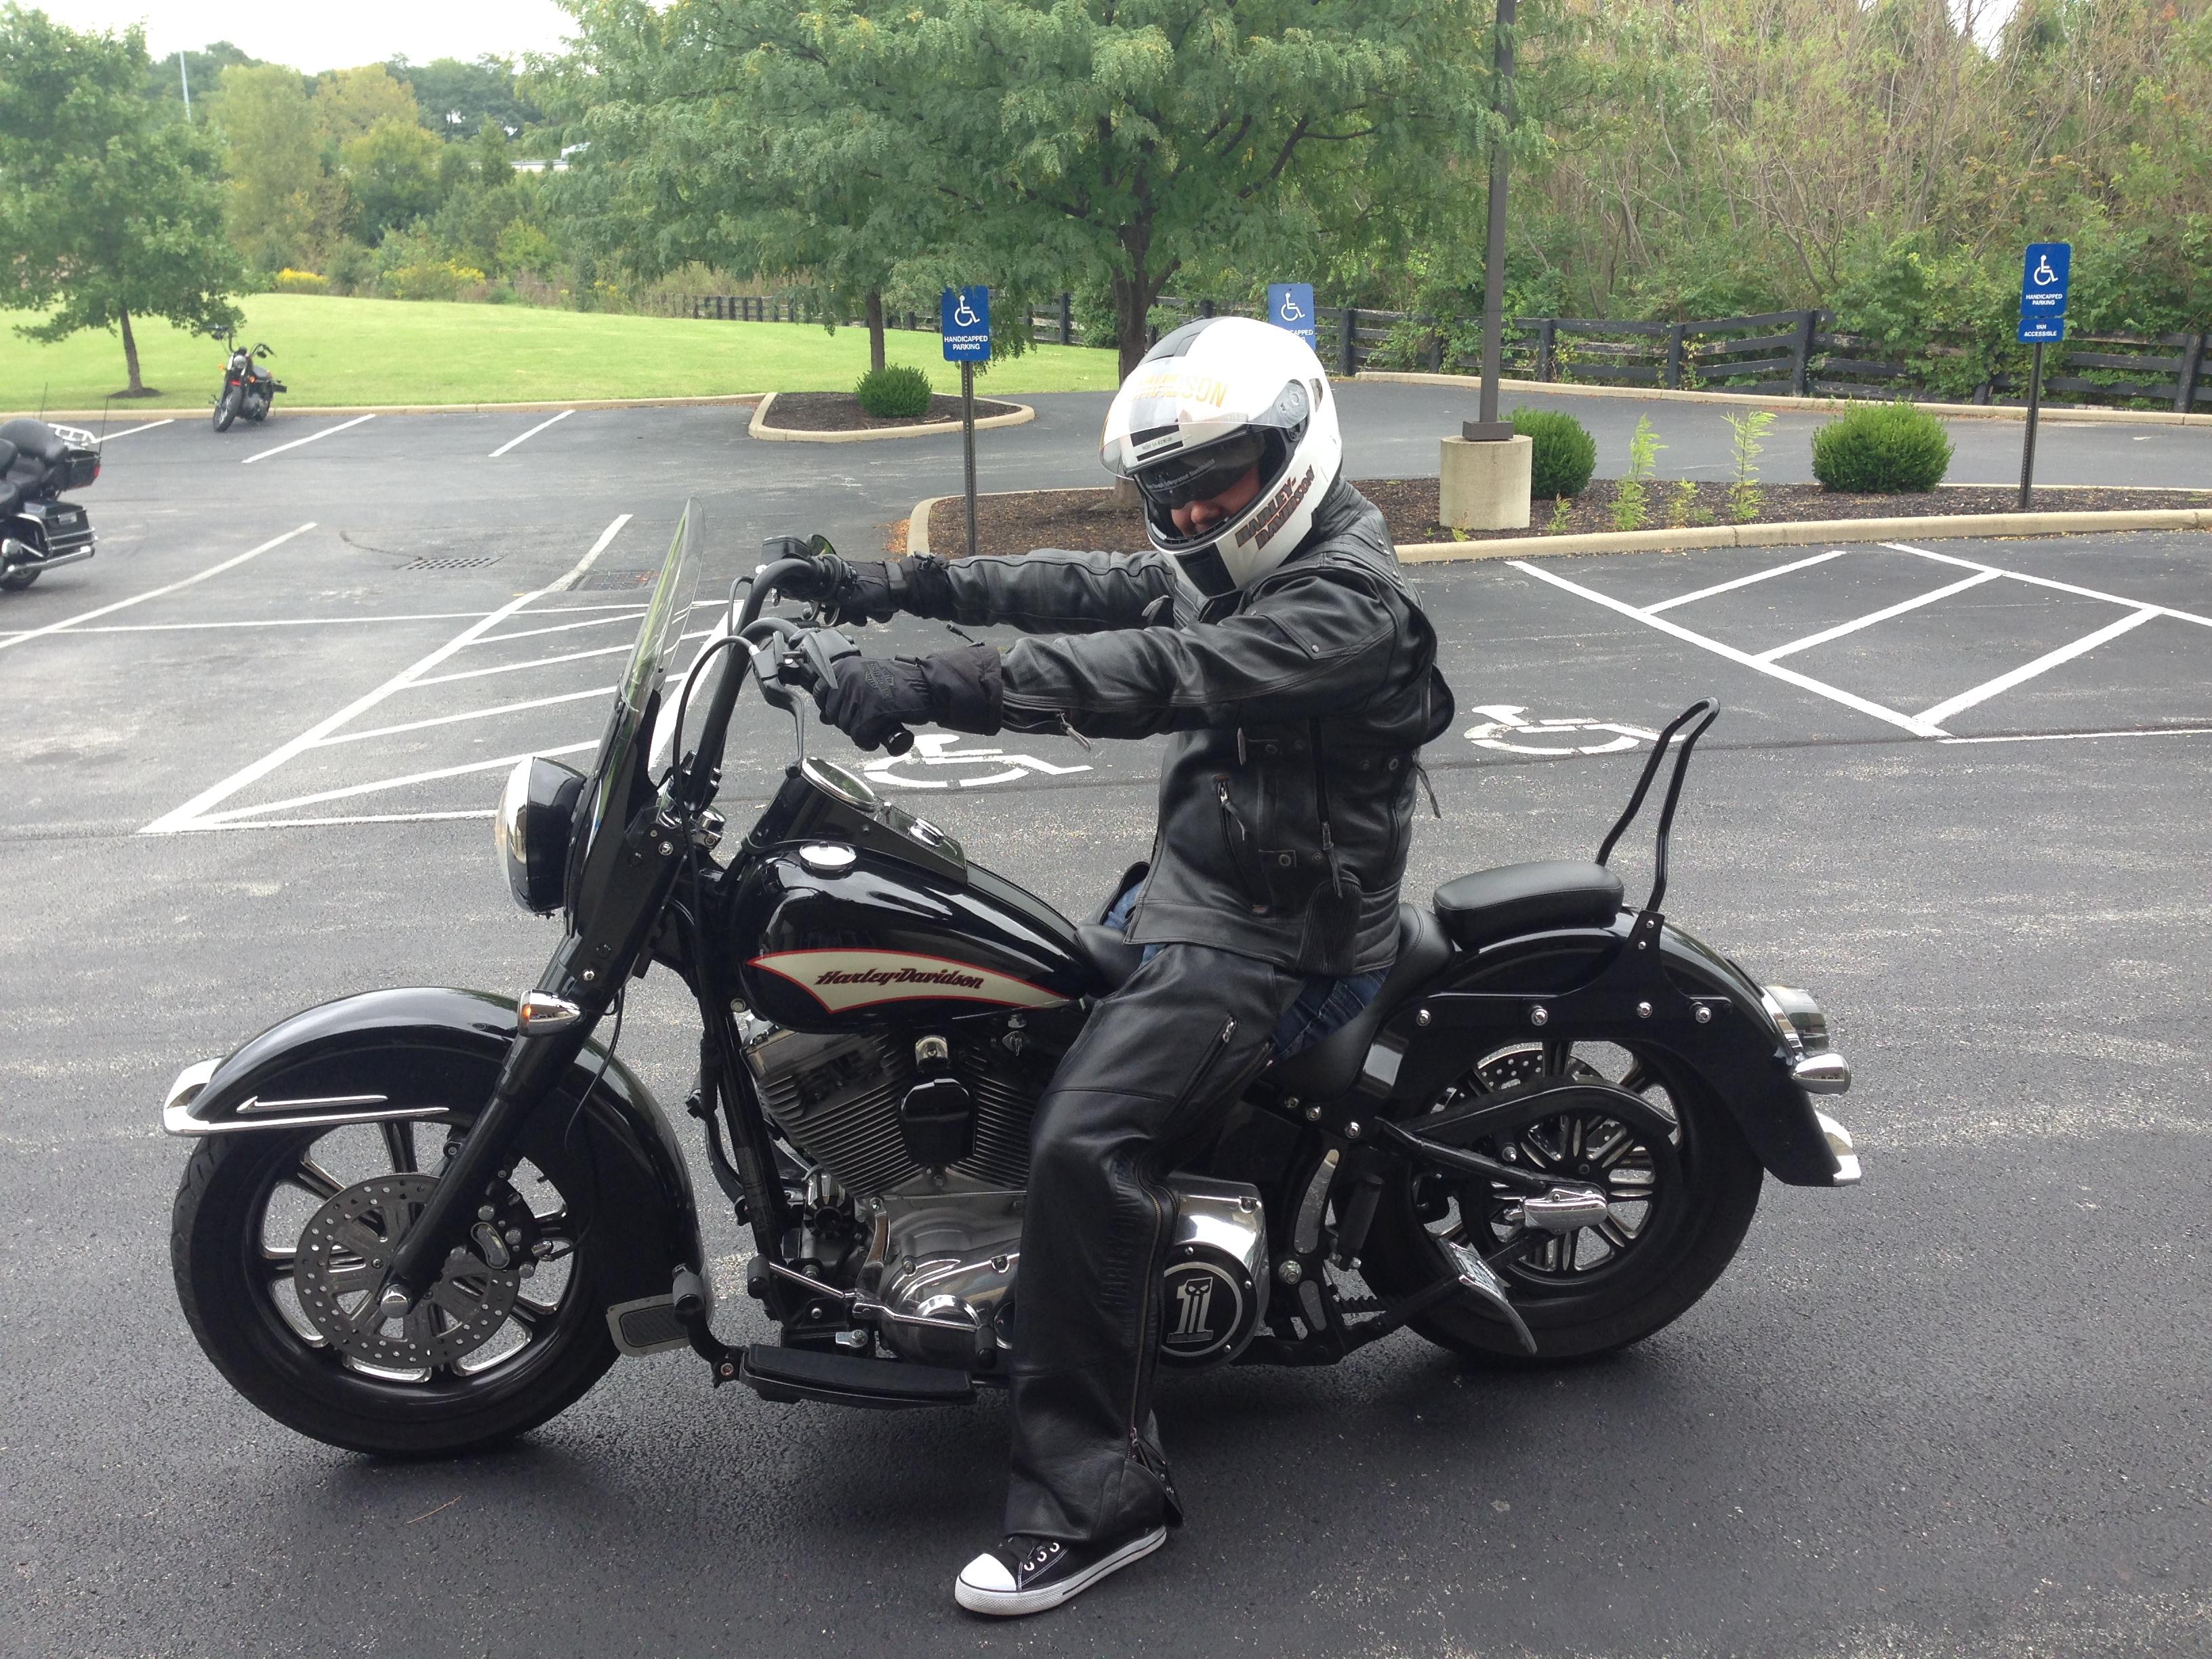 Harley Davidson Louisville Bluegrass Harley Davidson